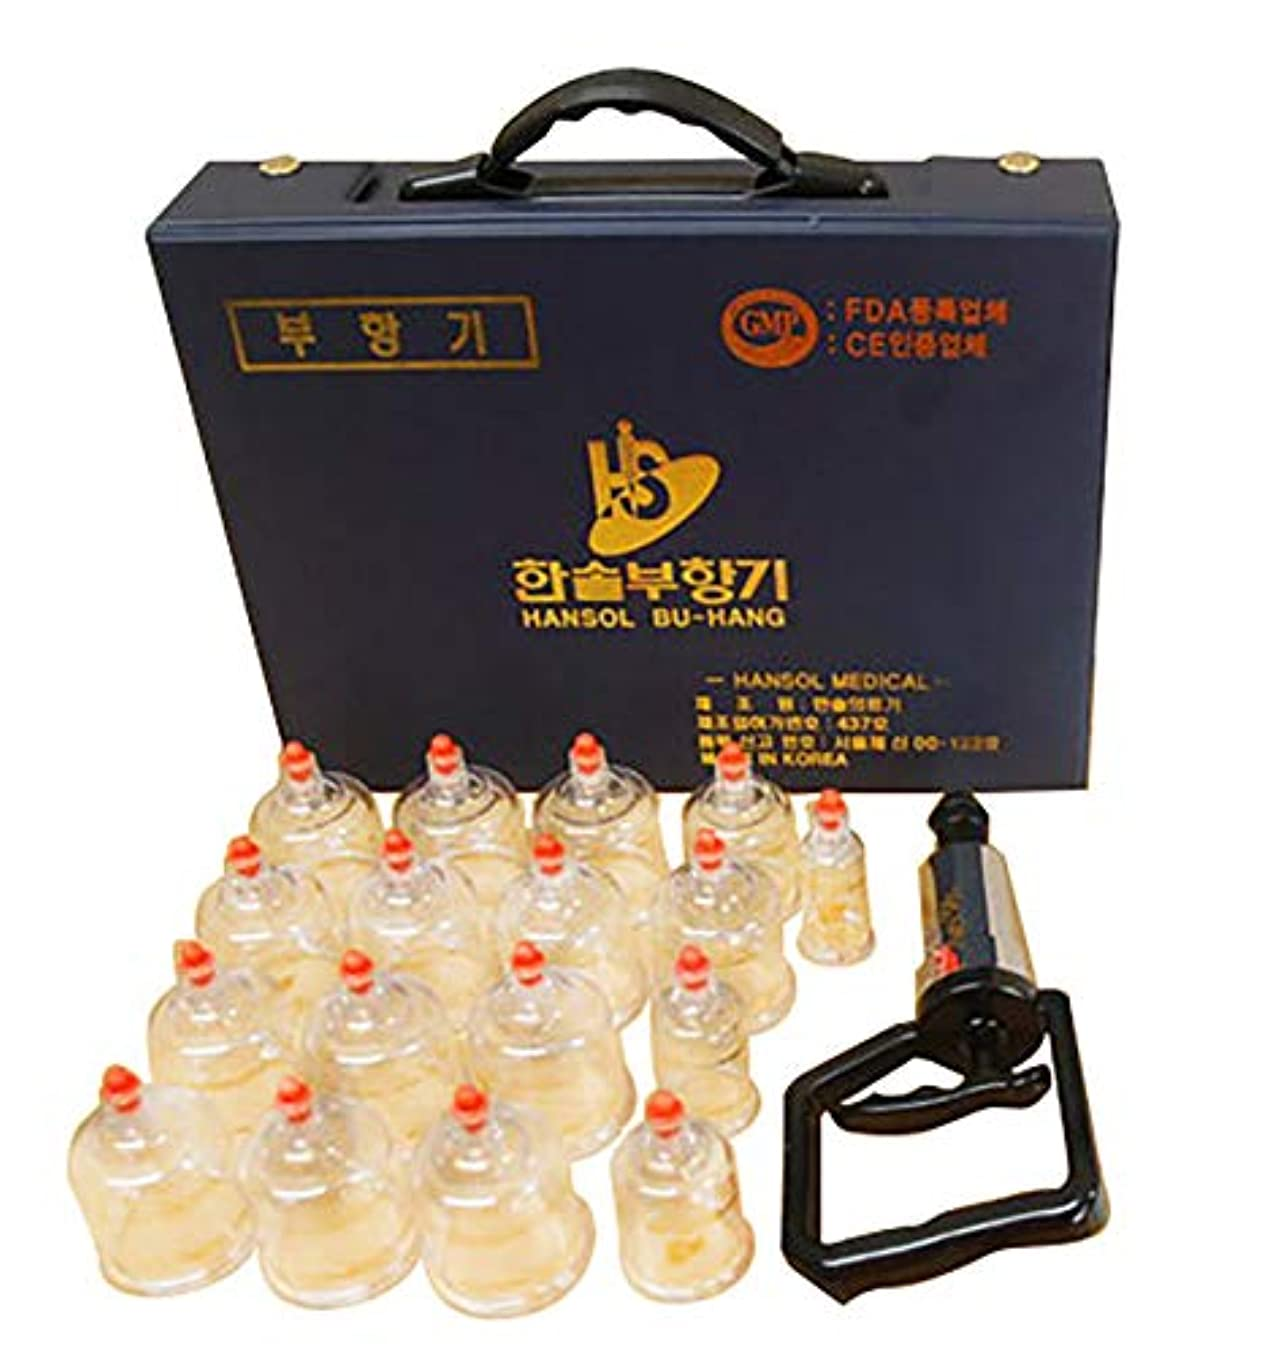 フラフープグラフ有名中国四千年の健康法「吸玉」がご家庭で手軽にできる!ハンソルメディカル ブハン カッピングカップ17個セット